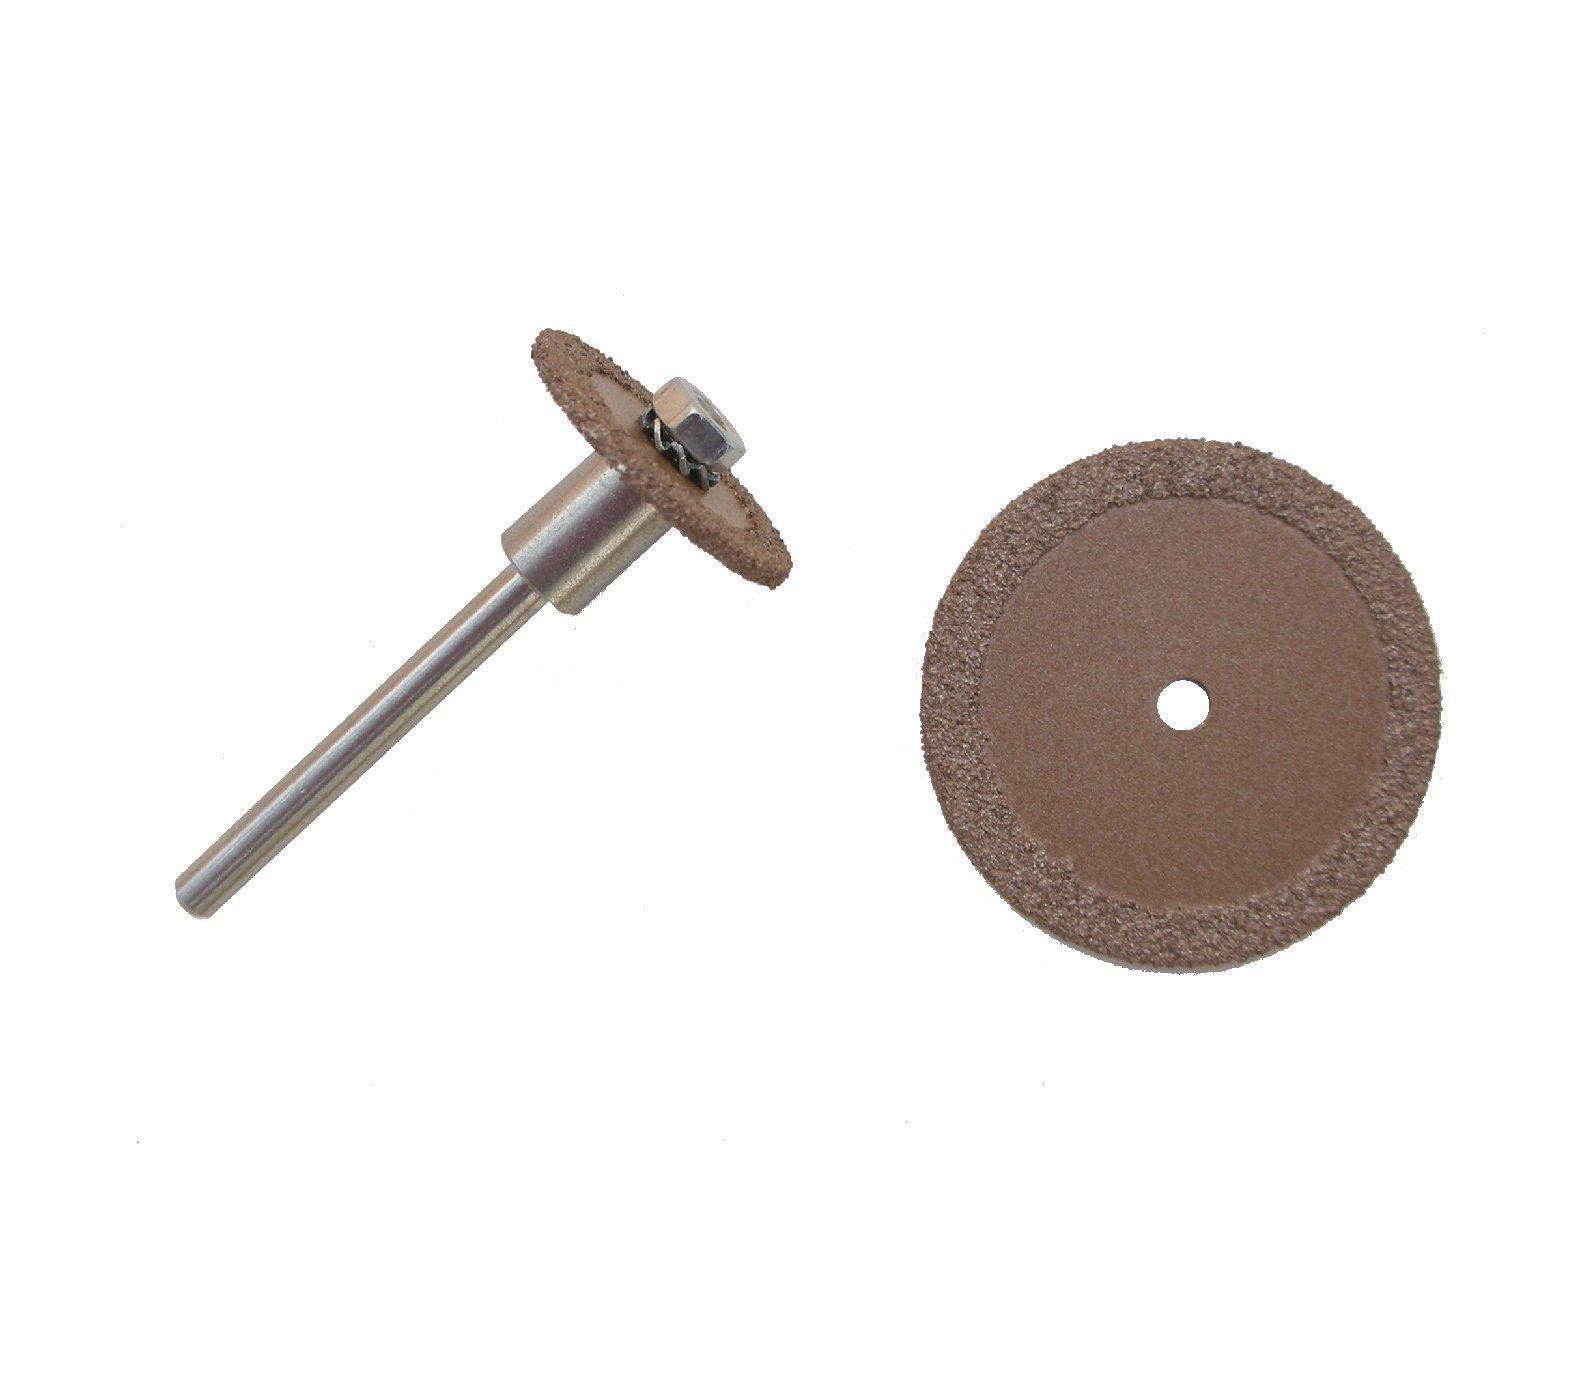 Cutting Discs PAIR 19 & 32 mm Diameter with Arbor